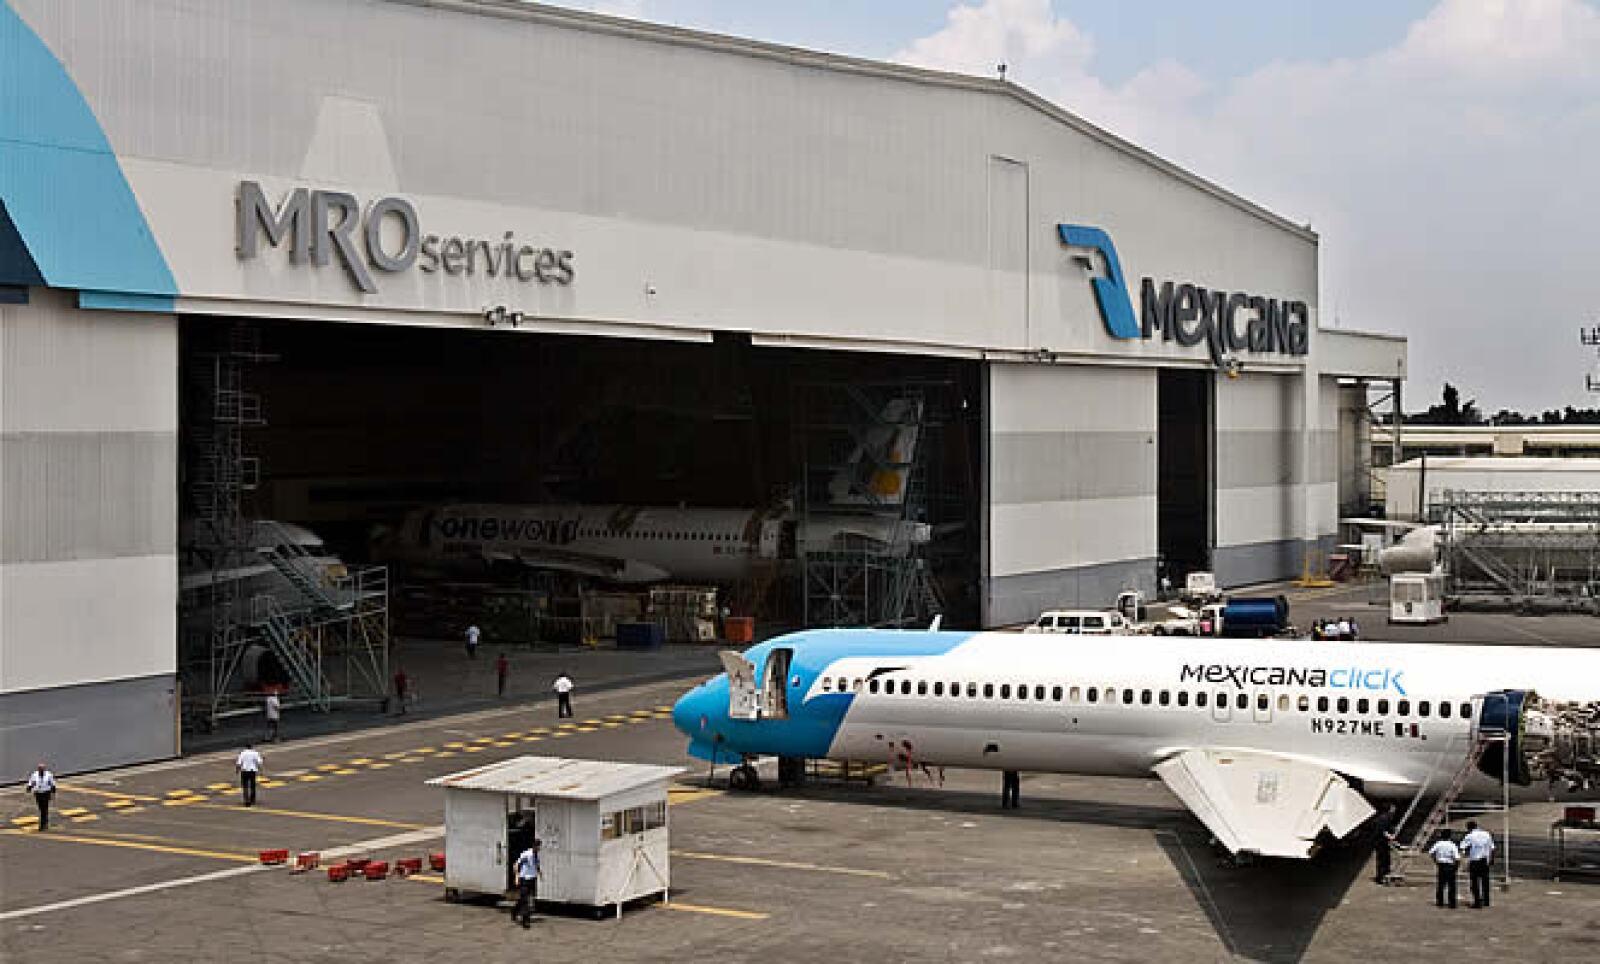 La firma MRO Services de Mexicana cuenta con 2 hangares en el DF uno de reparaciones y otro para pintura y detalles.